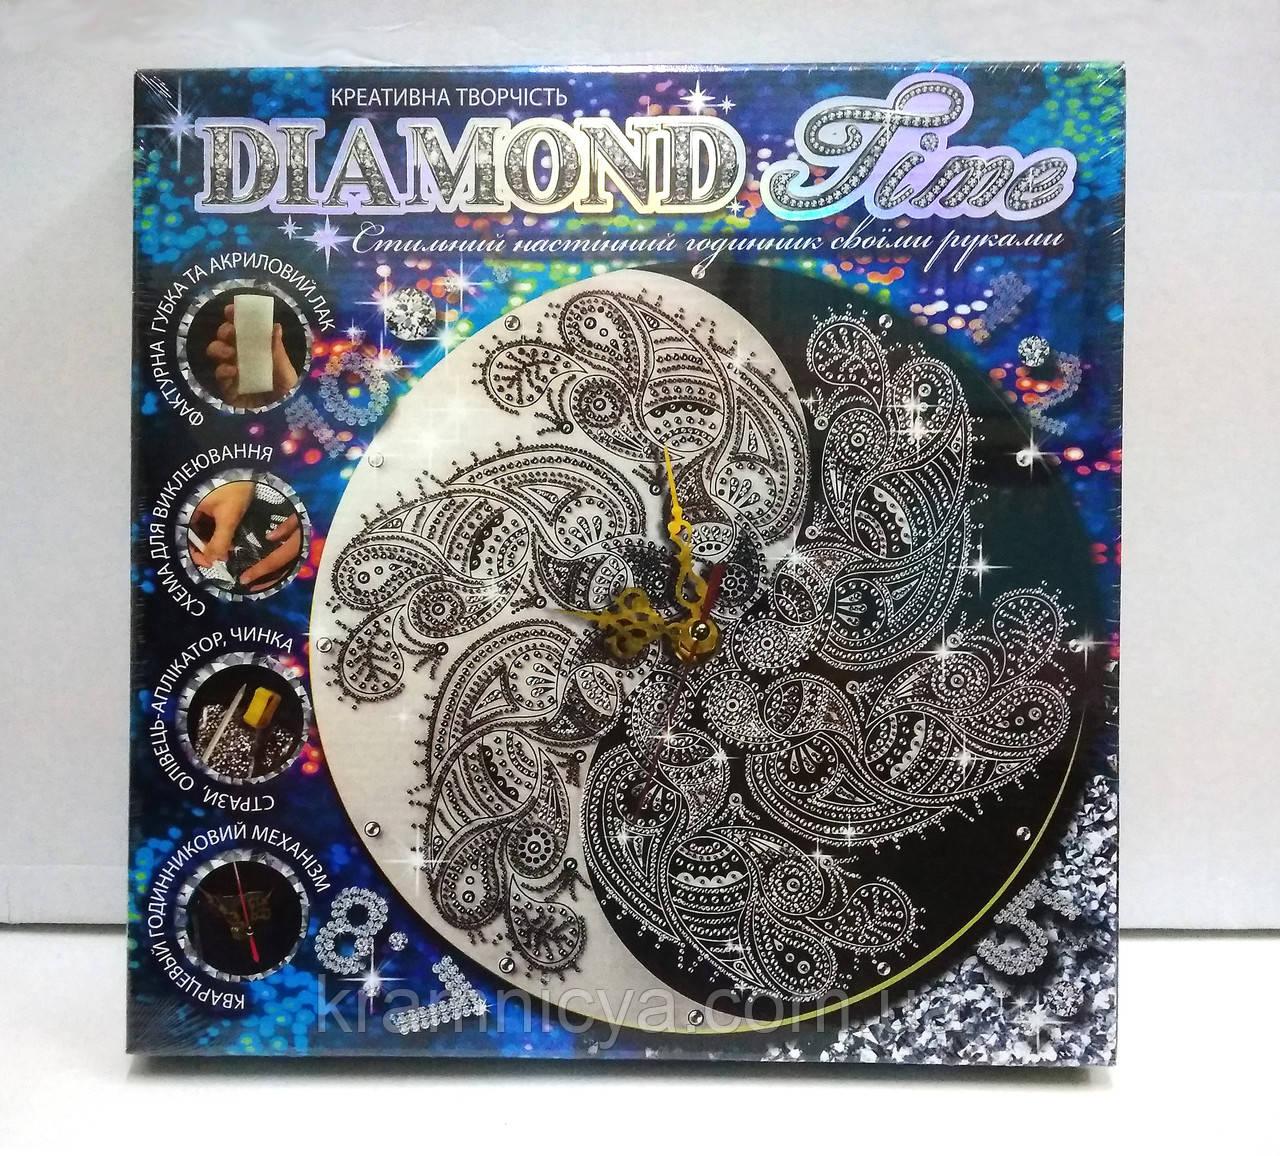 Годинник 'Diamond Time' Мандала (DTM-01-02)